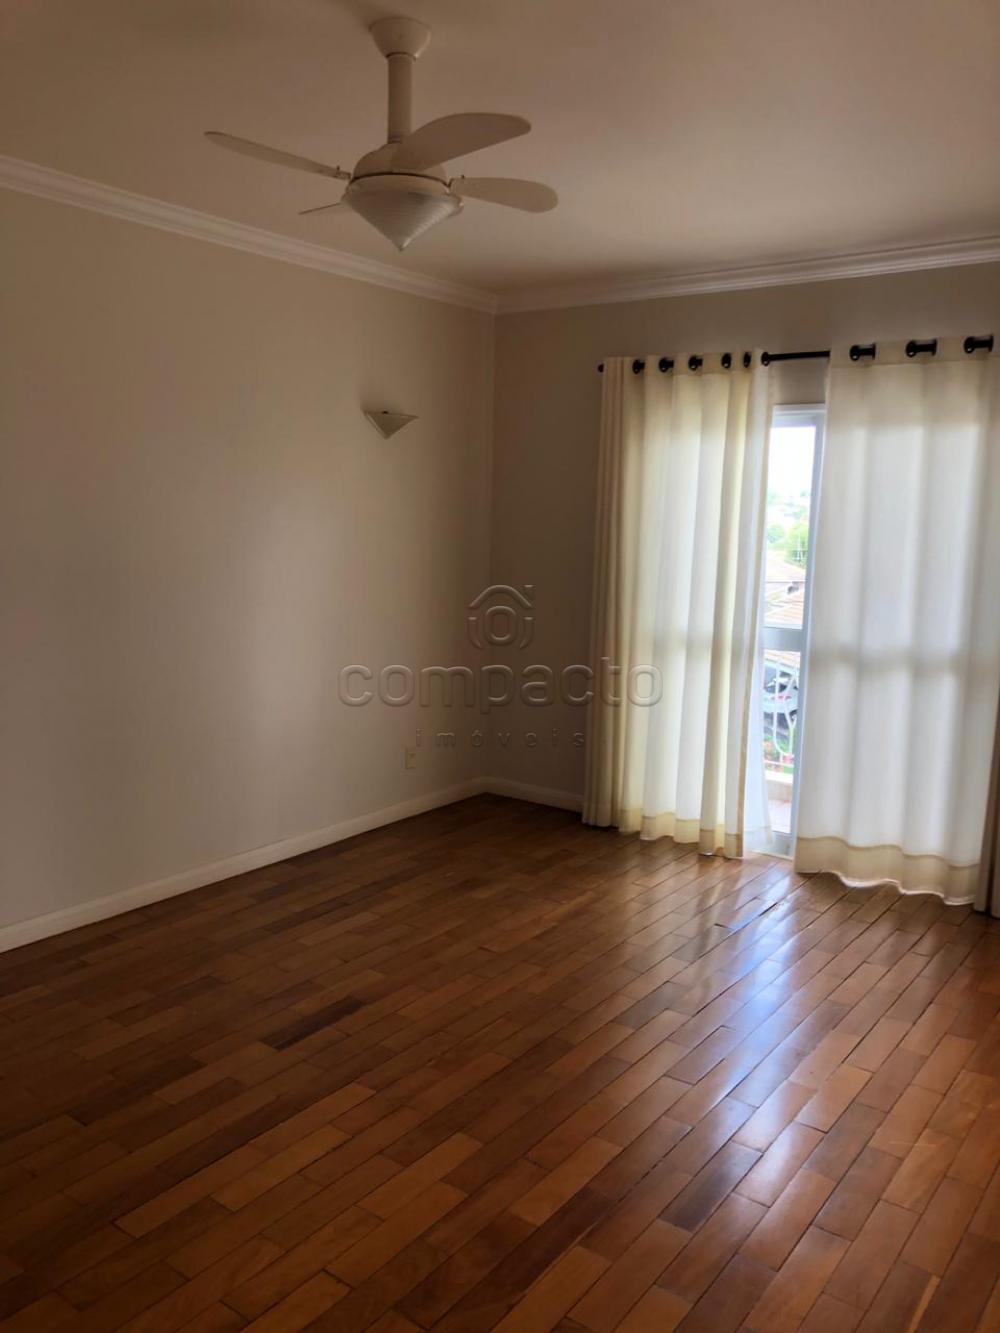 Alugar Casa / Condomínio em São José do Rio Preto apenas R$ 5.000,00 - Foto 9